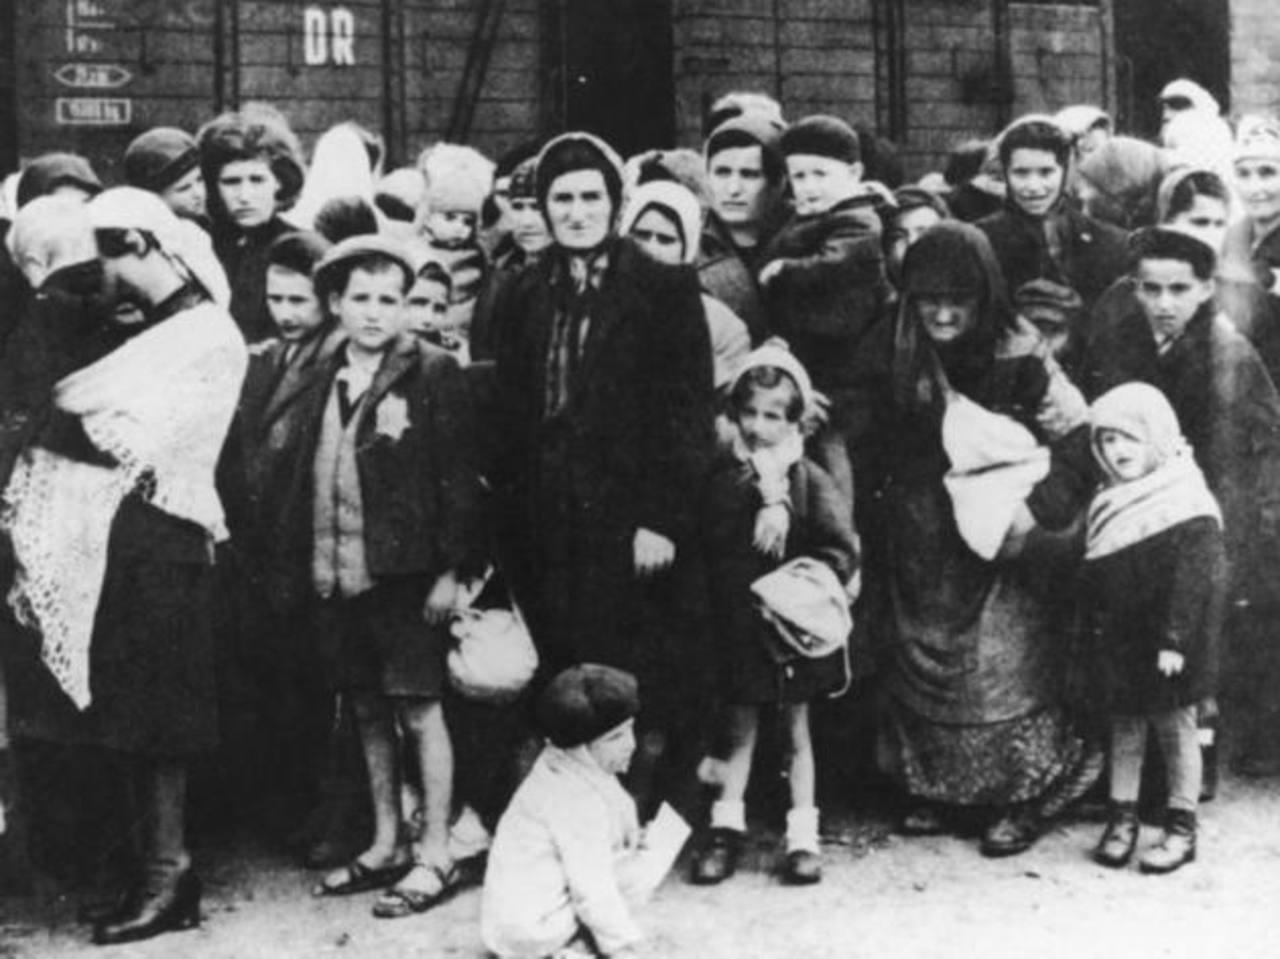 Las fotografías también revelan diversos hechos suscitados durante la Segunda Guerra Mundial. Foto/Cortesía